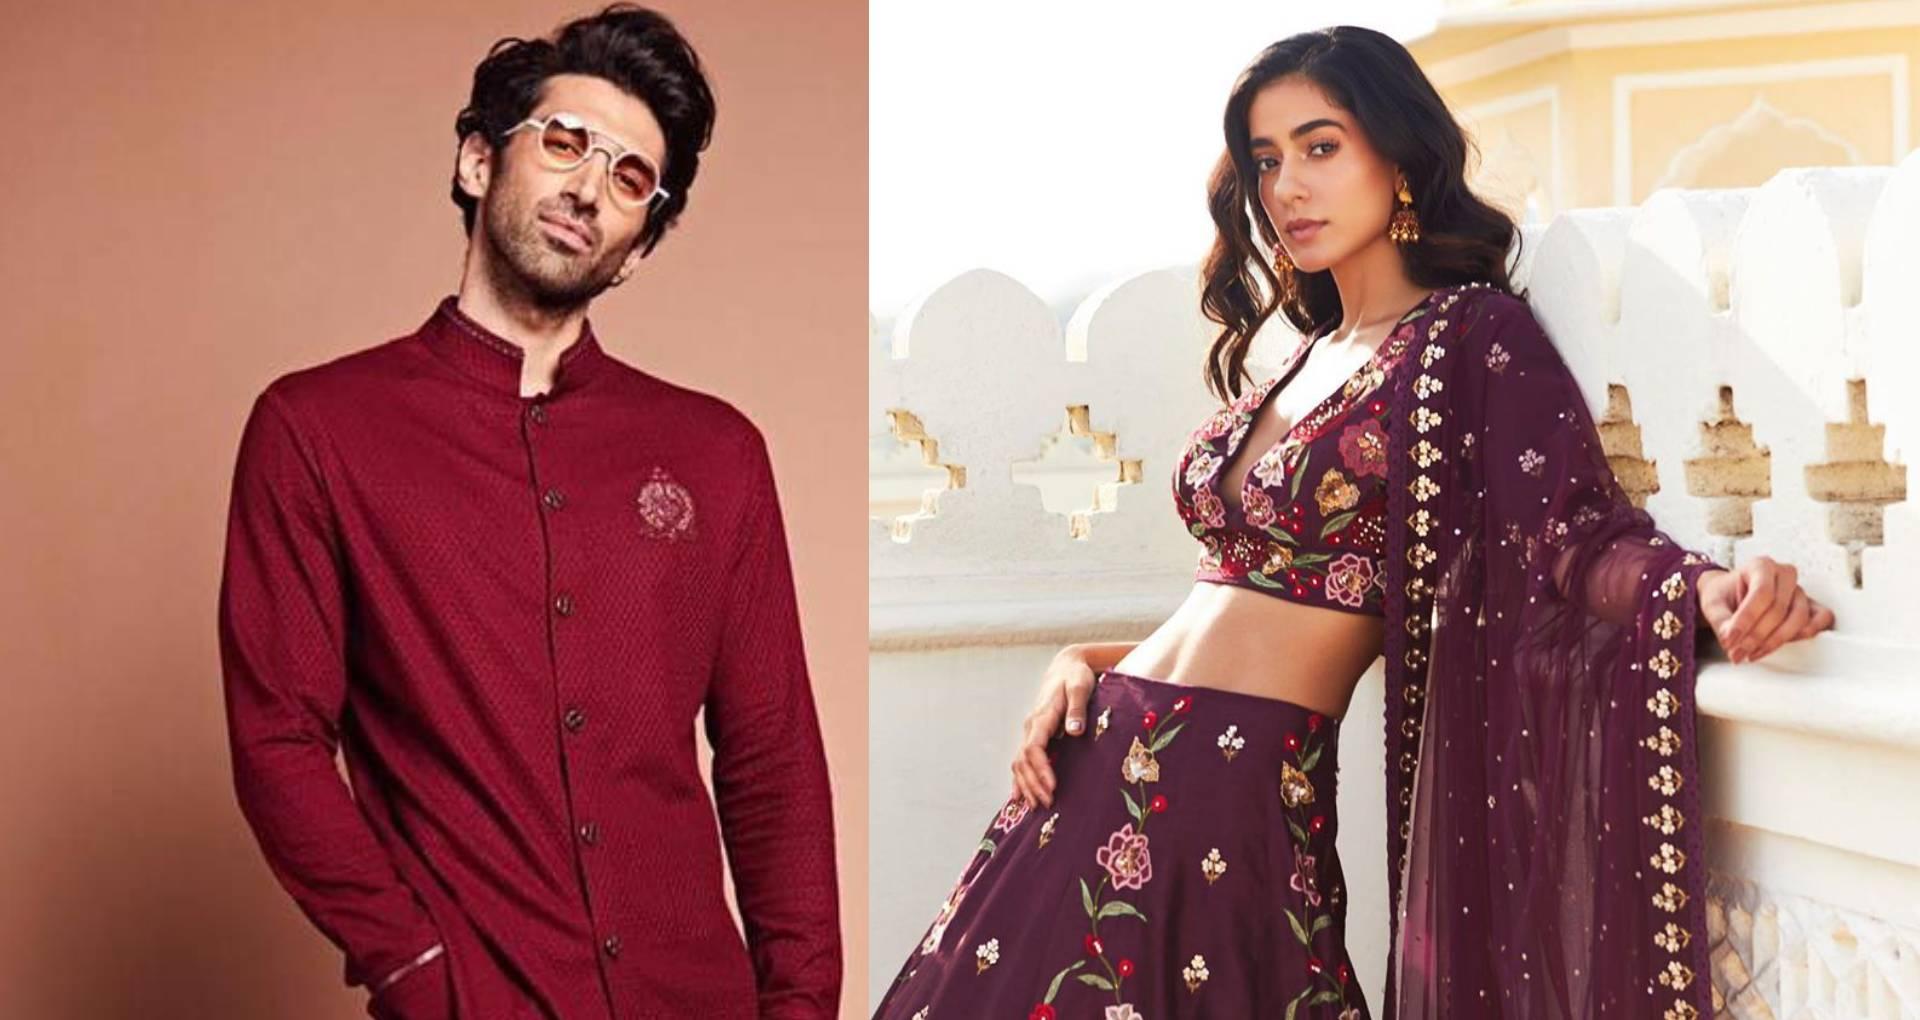 गर्लफ्रेंड दीवा धवन से बहुत जल्द सगाई करने वाले हैं आदित्य रॉय कपूर, इस दिन कर सकते हैं मॉडल से शादी